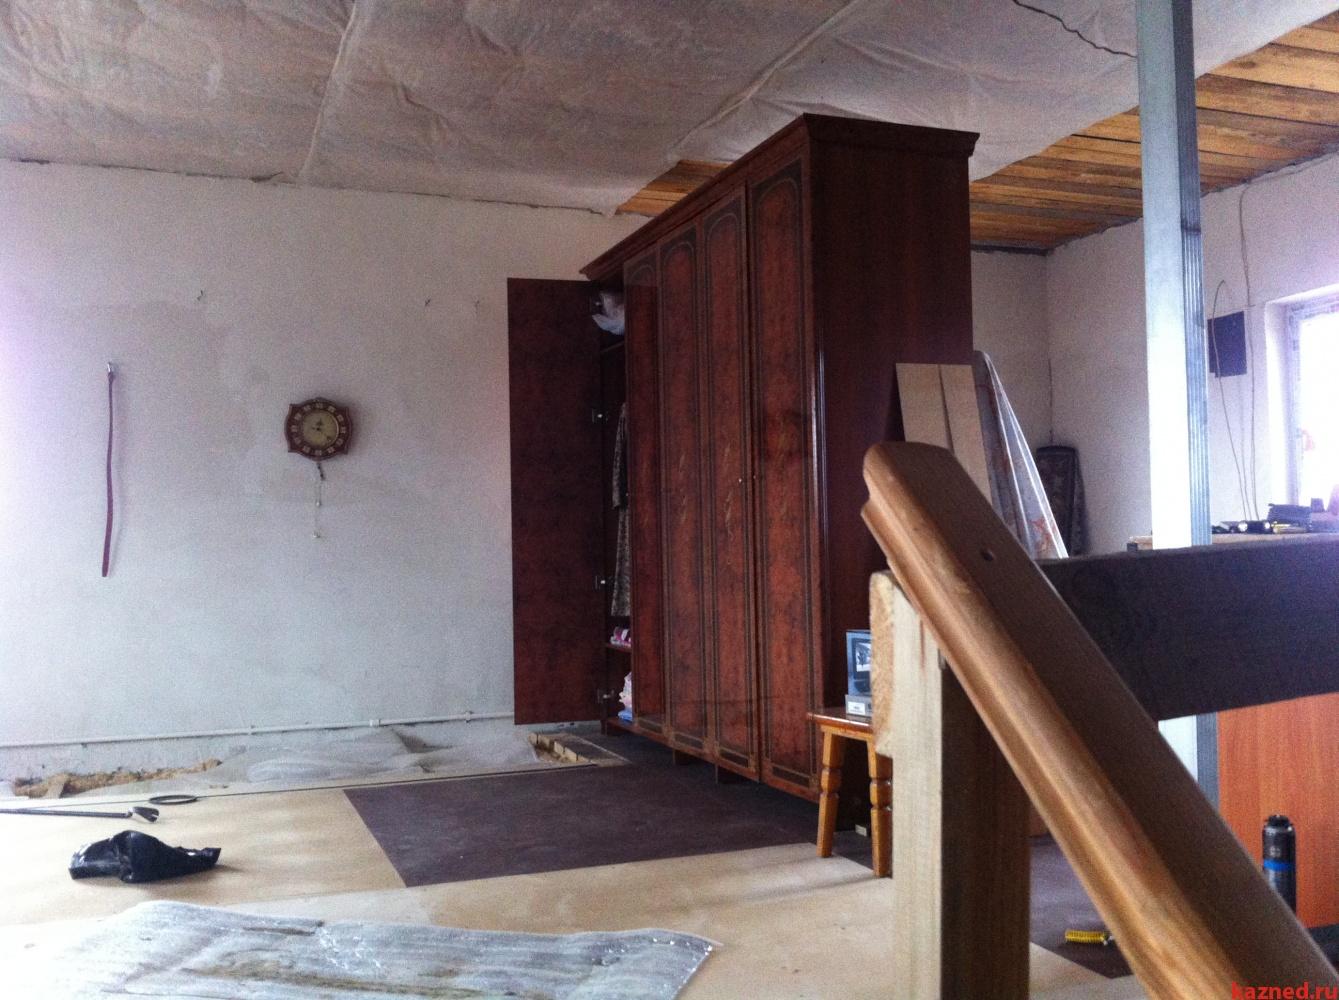 2-х эт.квартира, в Танхаусе, 100 кв.м., пос.Константиновка (миниатюра №11)